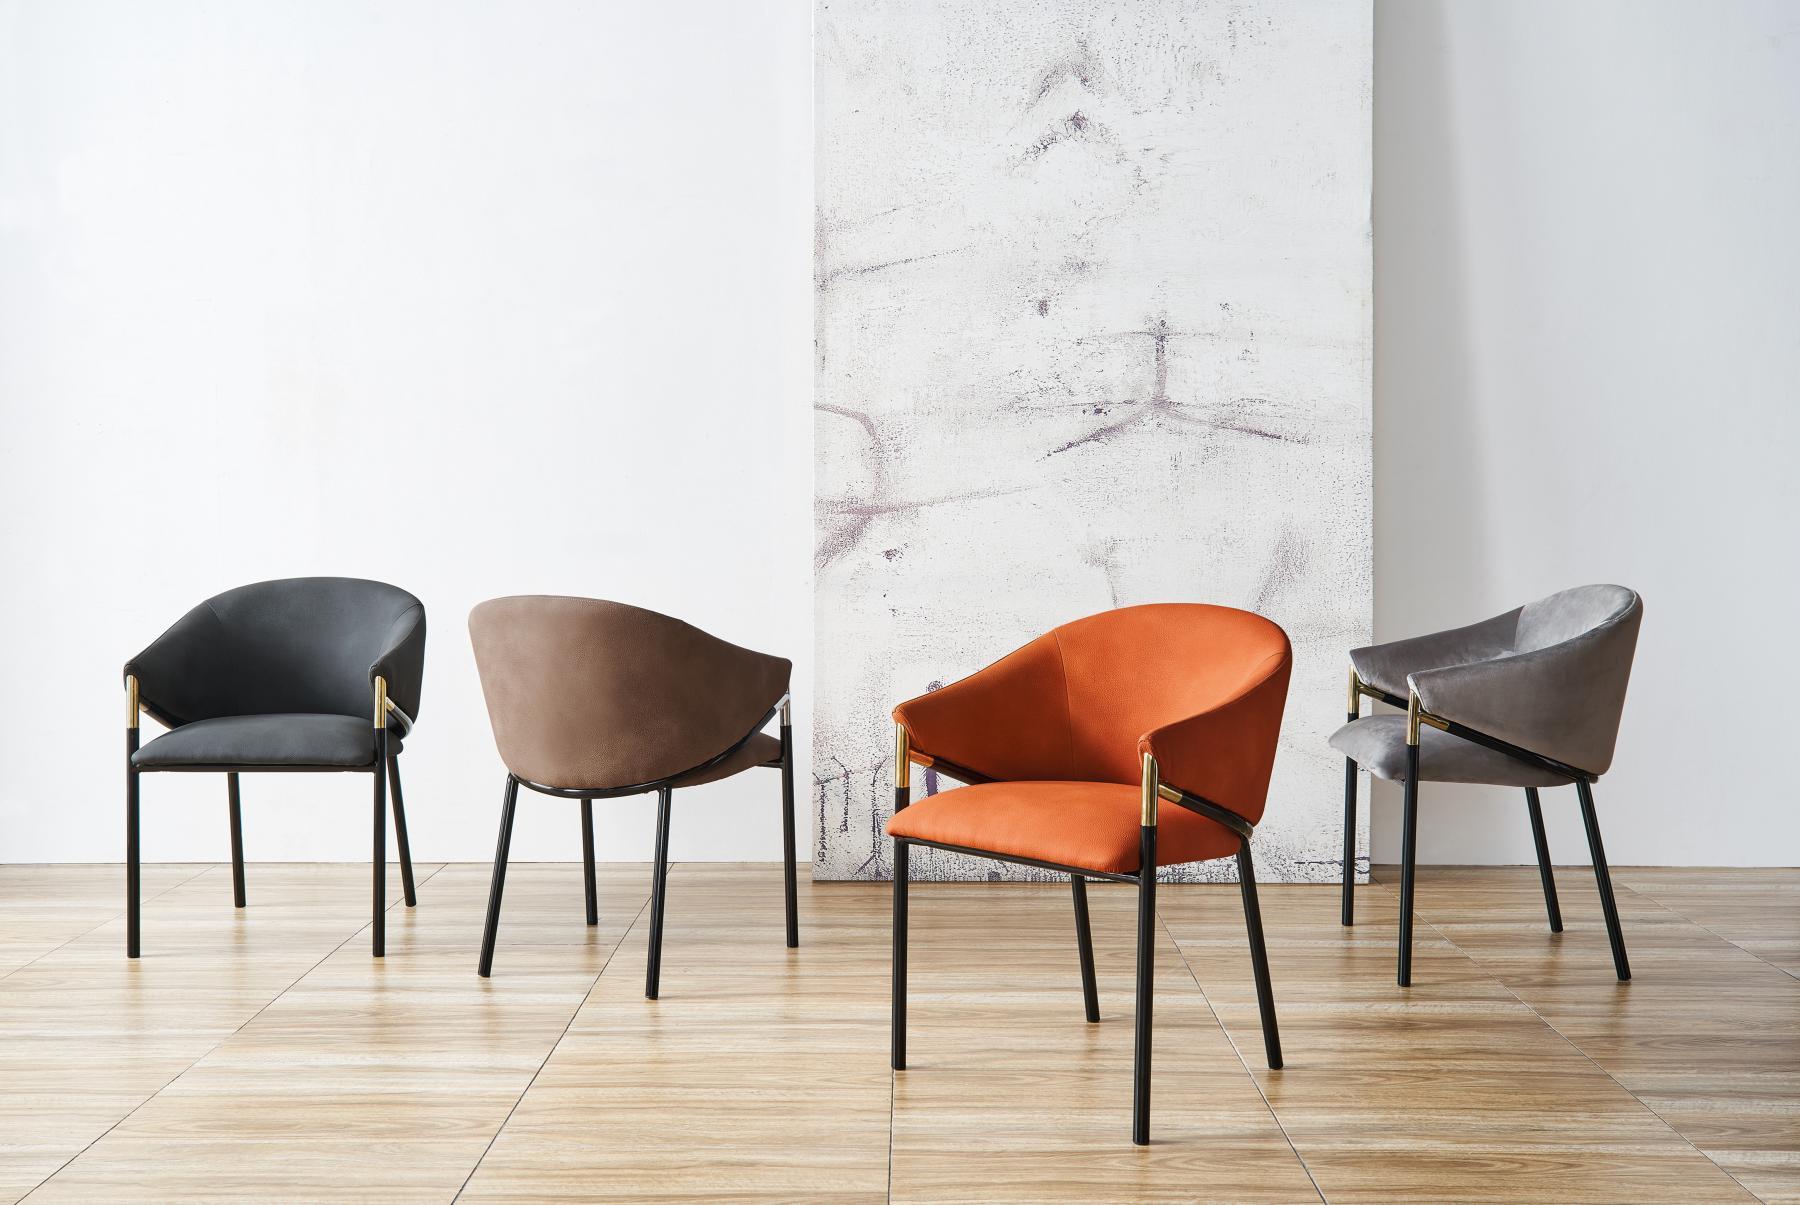 Новые коллекции дизайнерских стульев  в Raroom:  форма и цвет